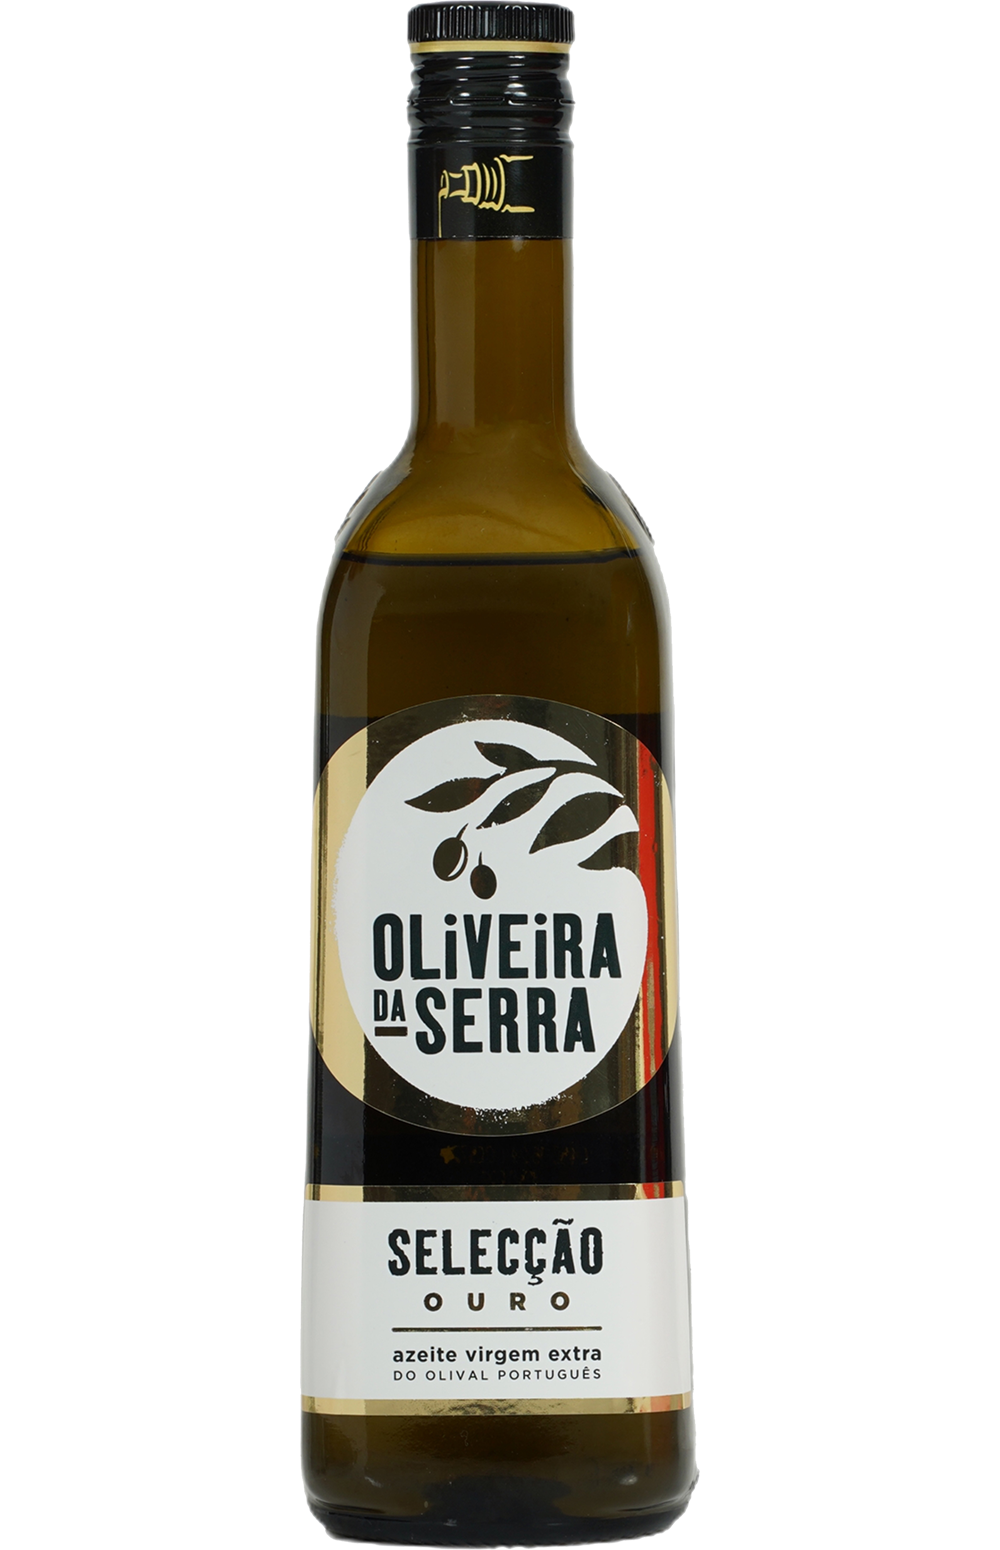 Oliveira da Serra selecção ouro